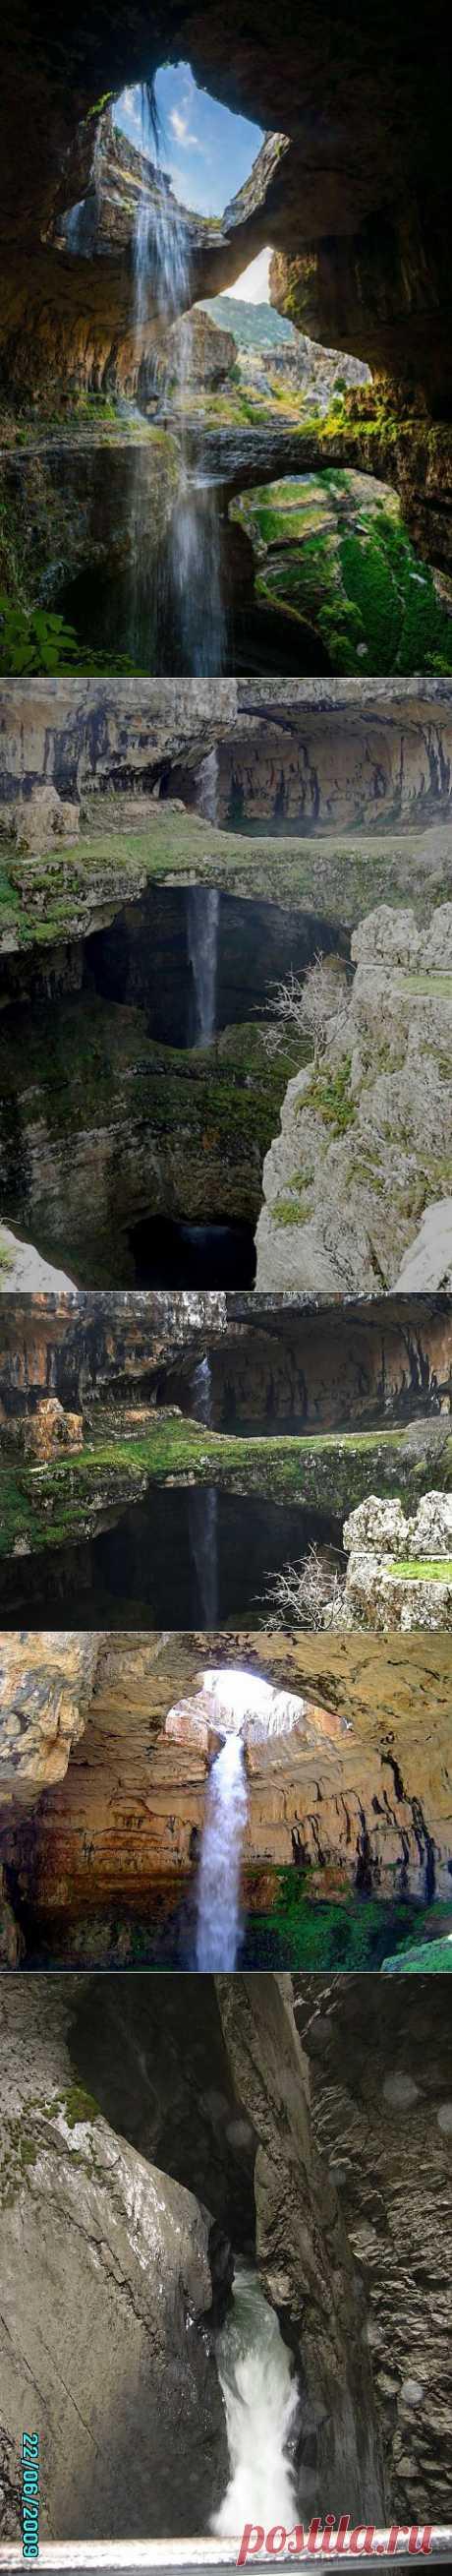 Посмотрим на единственный в своем роде водопад | ЛЮБИМЫЕ ФОТО